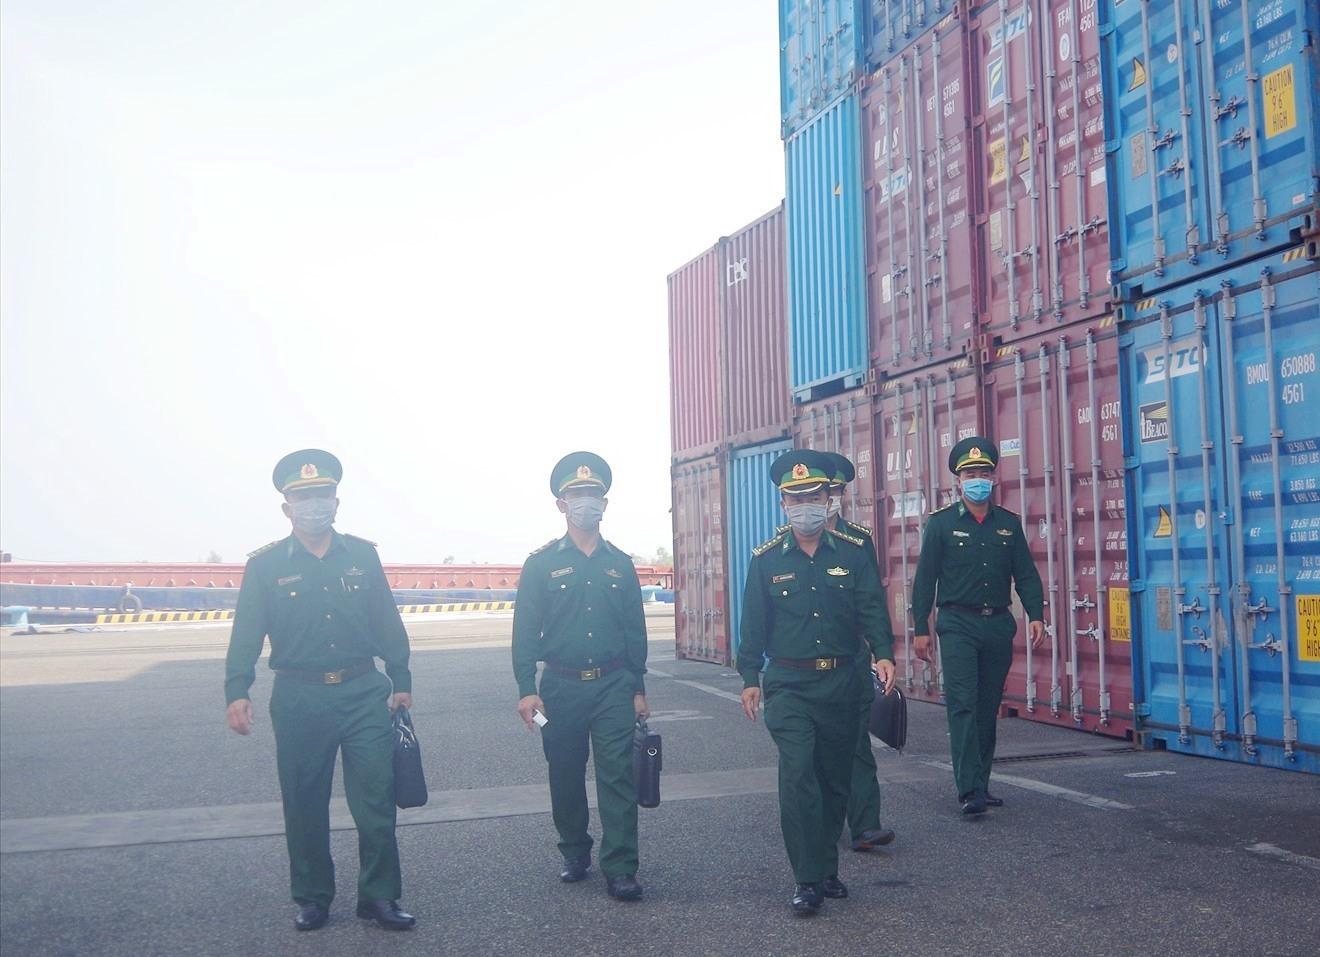 Đại tá Nguyễn Bá Thông – Chỉ huy trưởng BĐBP tỉnh kiểm tra công tác chống dịch tại Trạm Kiểm soát biên phòng Tam Hiệp